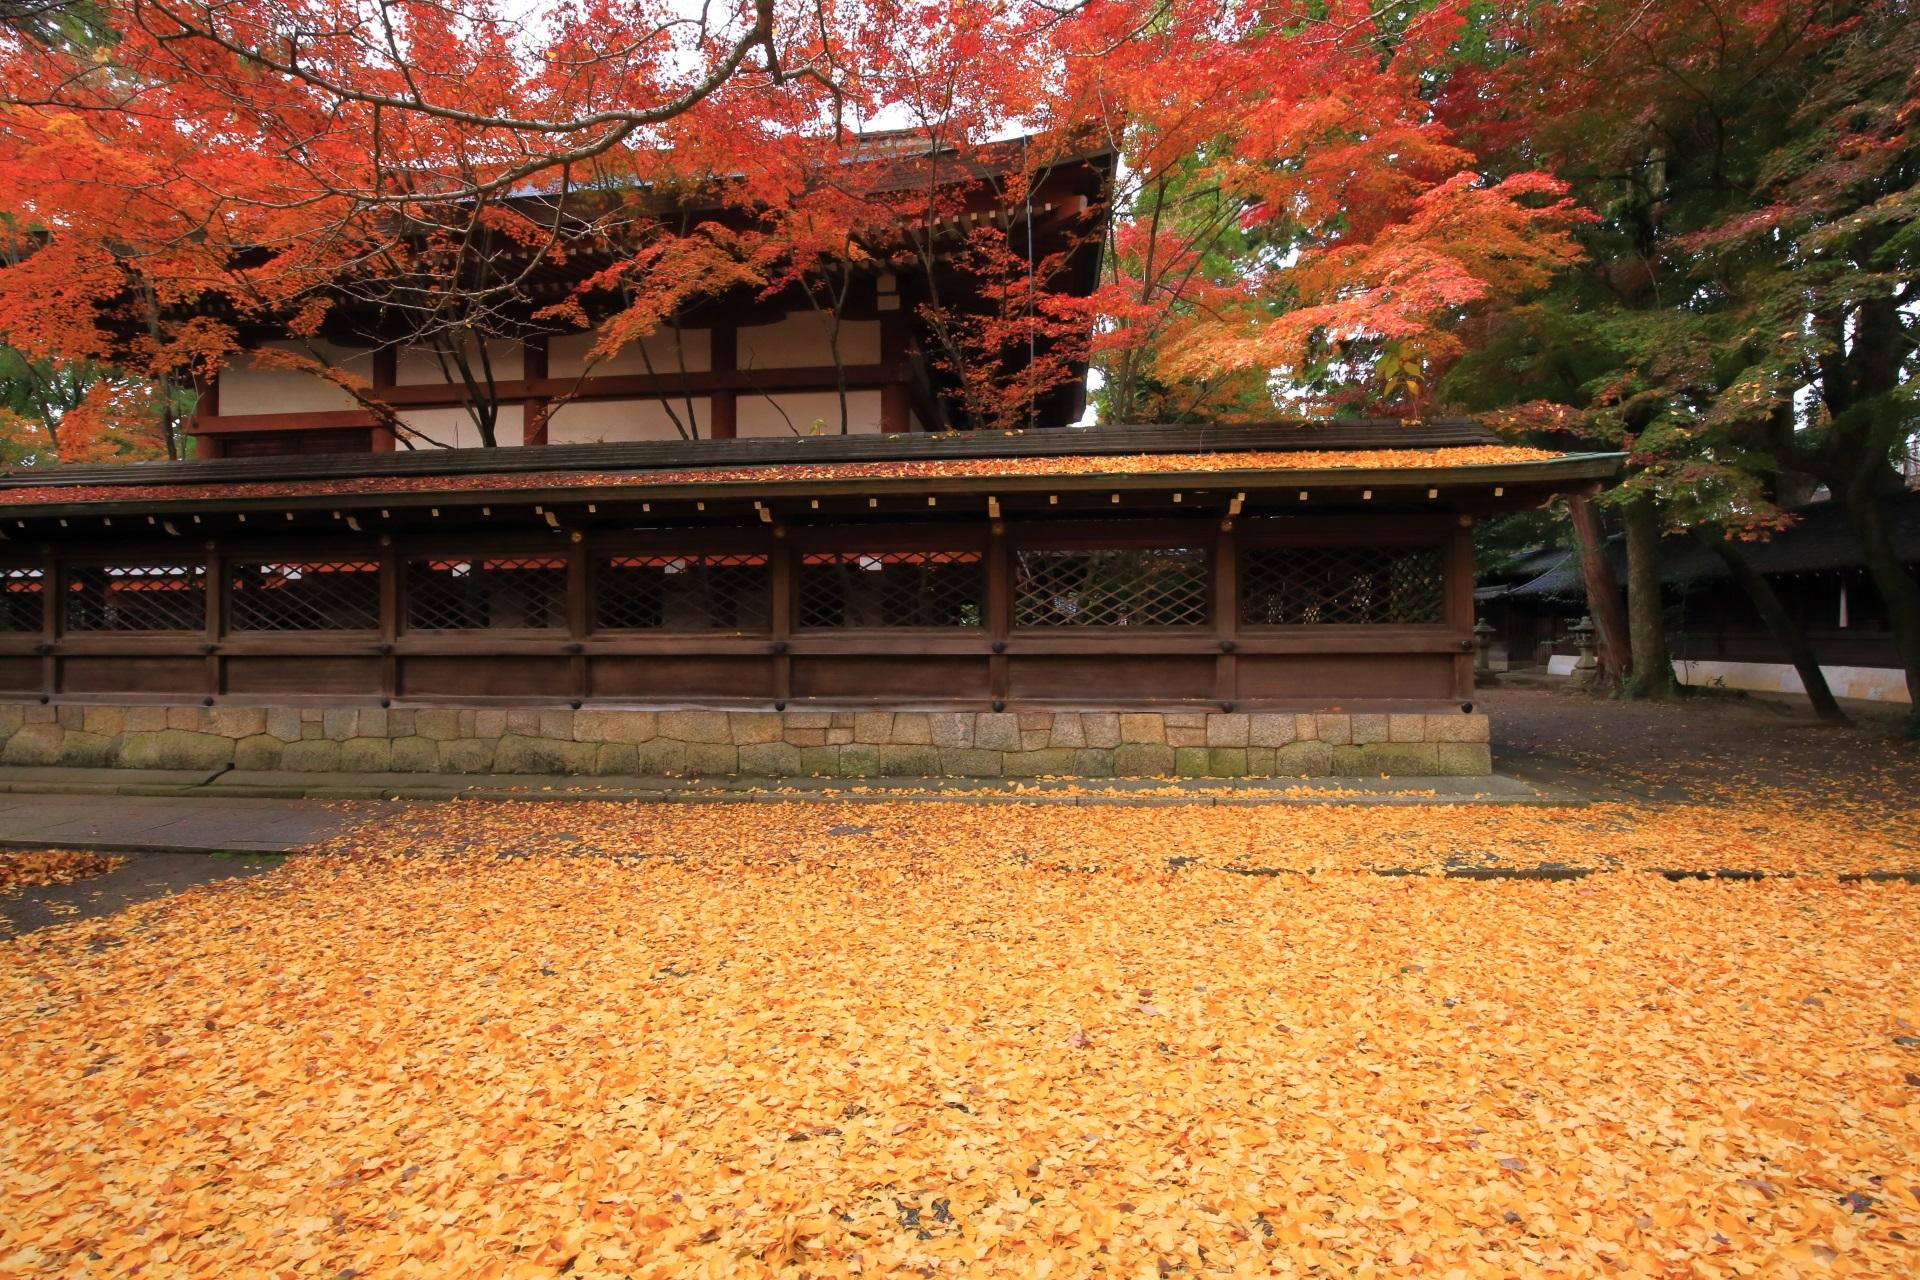 上御霊神社の見事な銀杏の黄色い絨毯と華やぐ紅葉